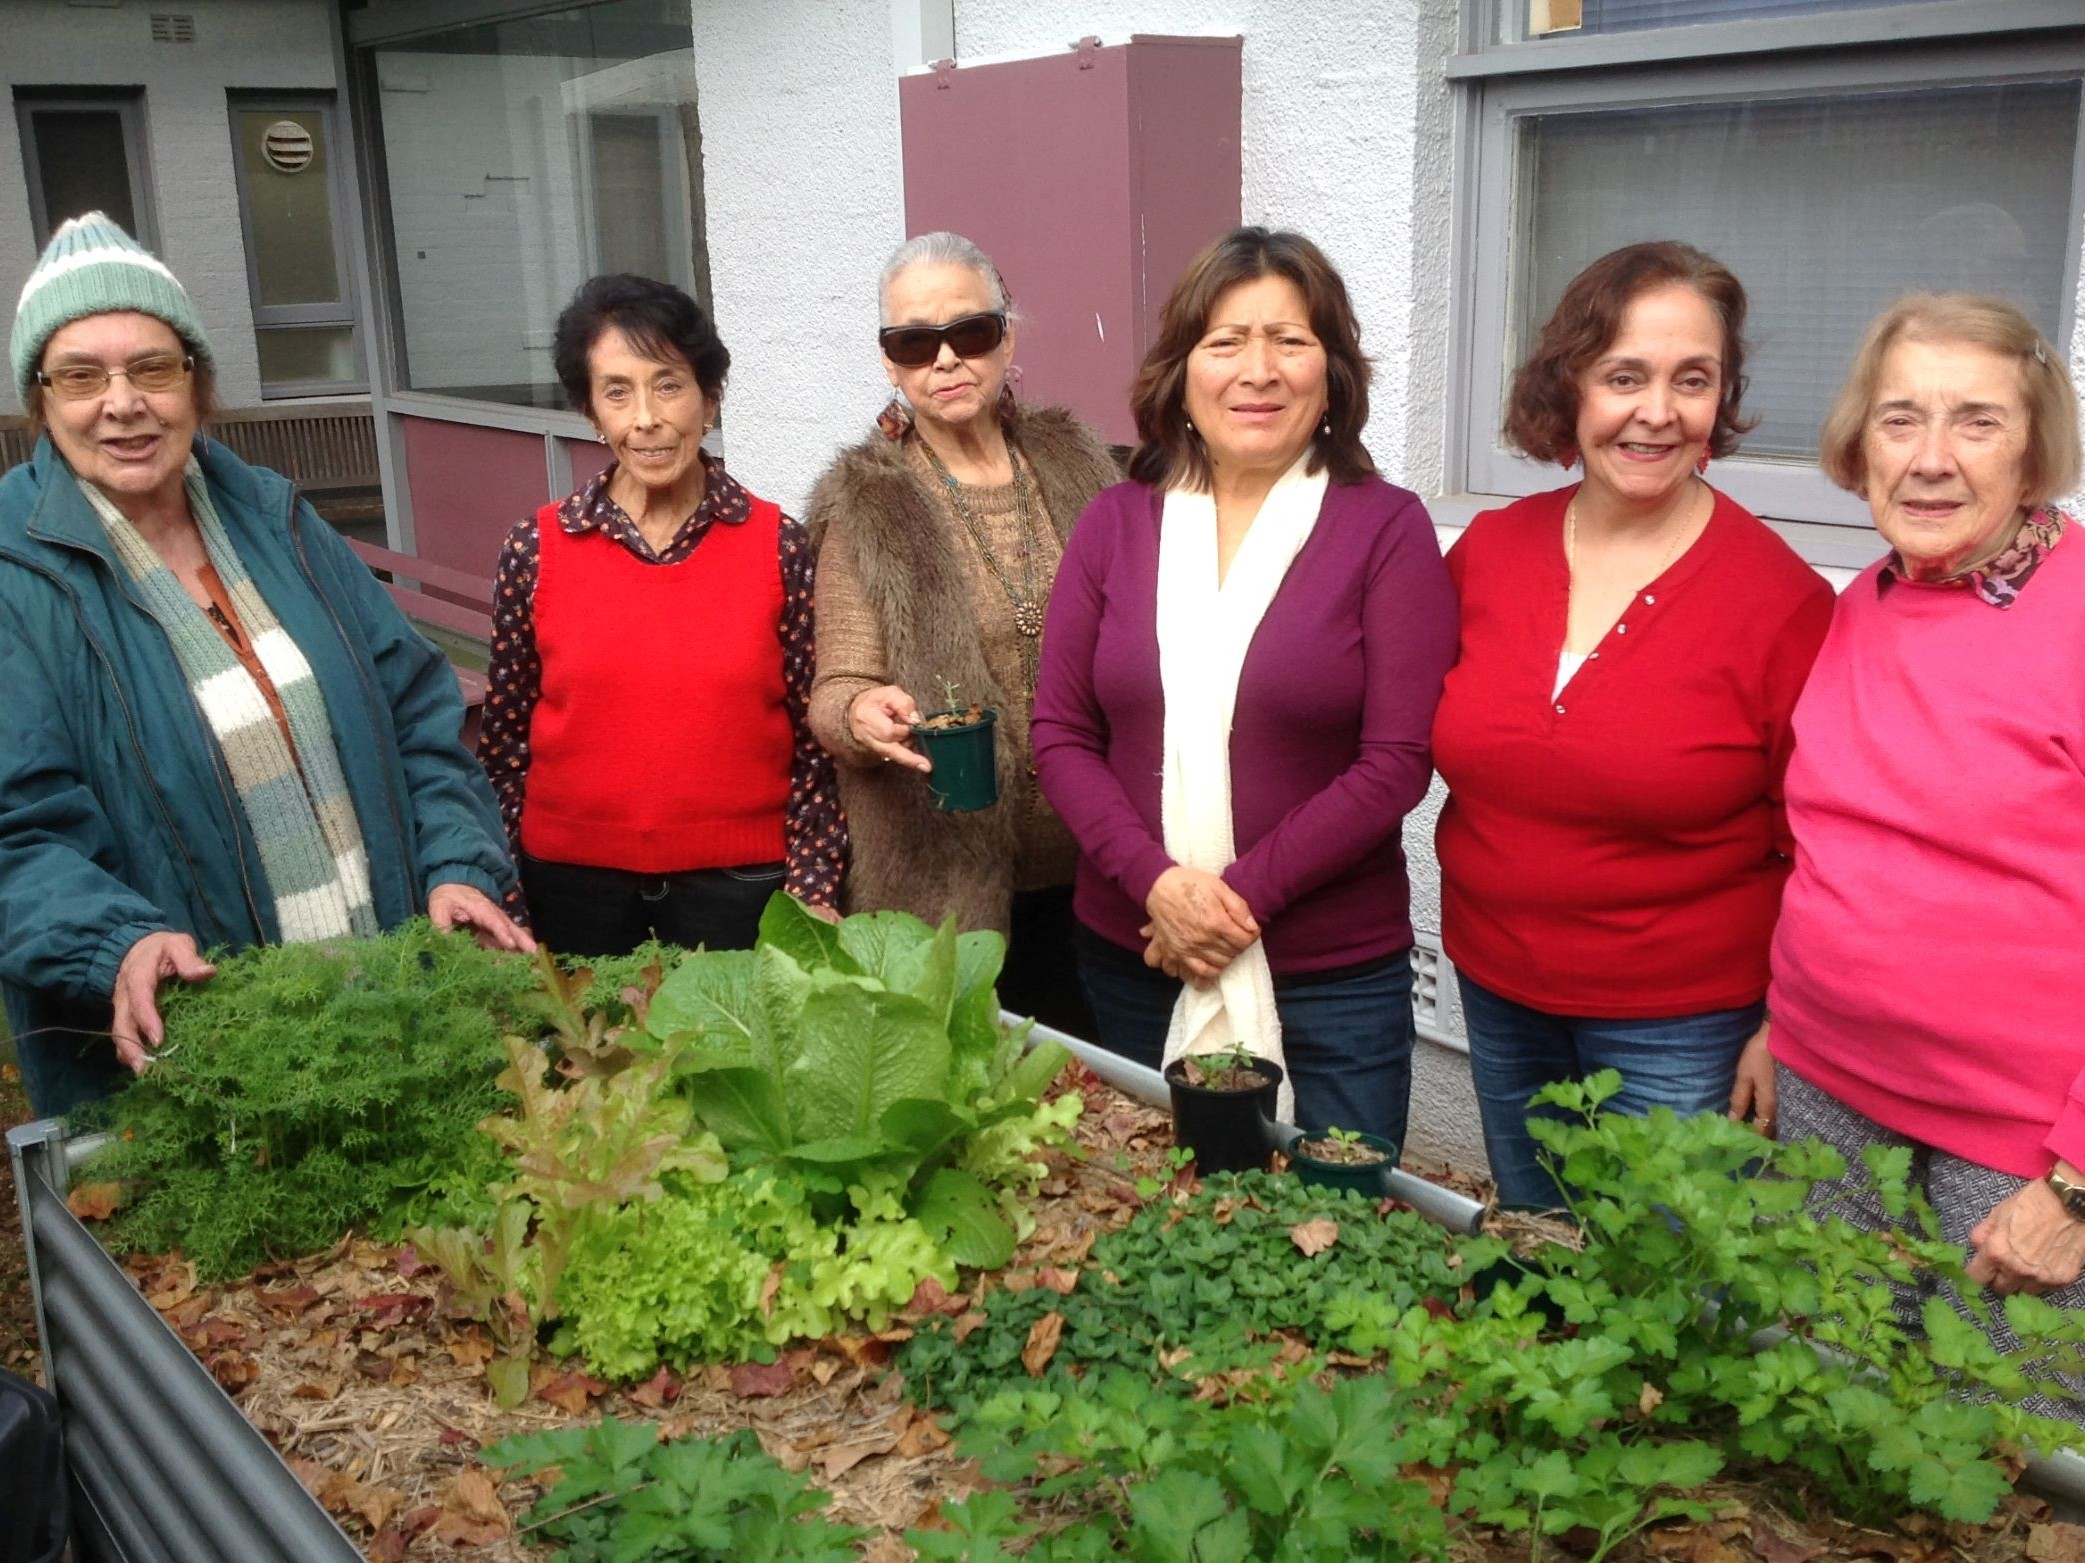 Sydney Community Foundation, Sydney Women's Fund, Gymea Community Aid, Gymea Community Garden, Community Garden Sutherland Shire, CSR Sydney, Harmony week sydney